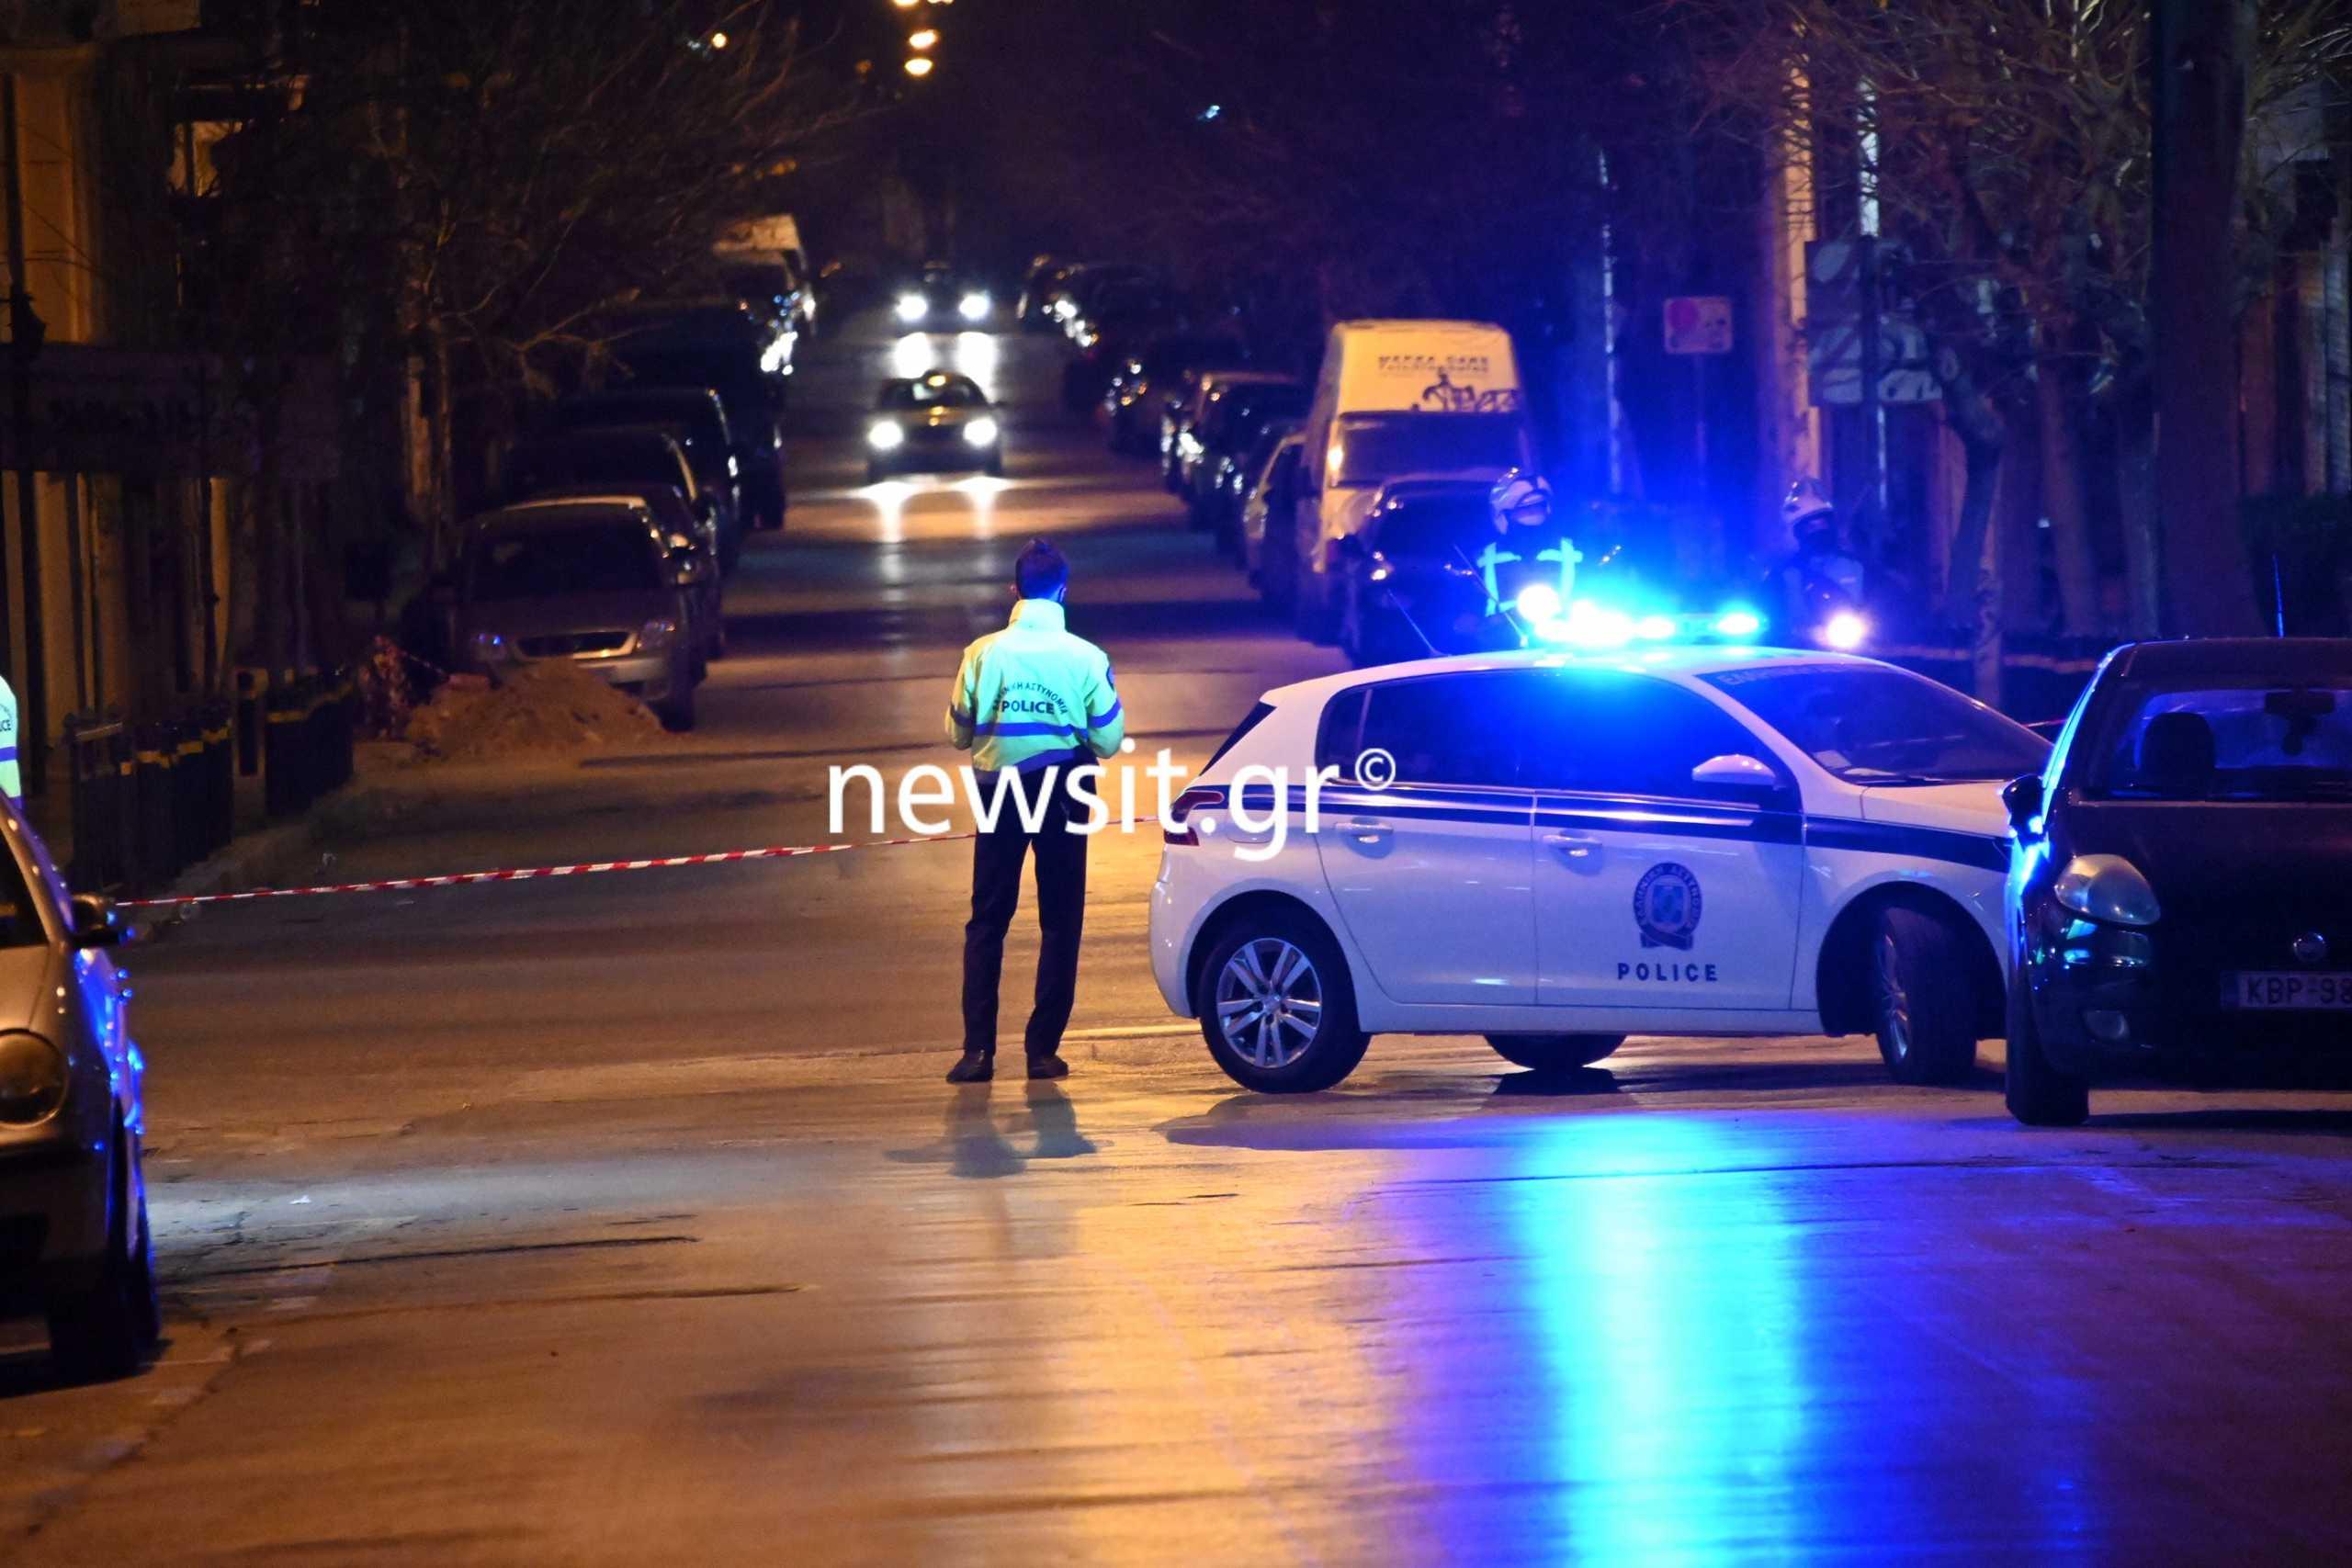 Πυροβολισμοί στην πλατεία Αττικής – Οι δράστες έφυγαν με ταξί και ξέχασαν το όπλο